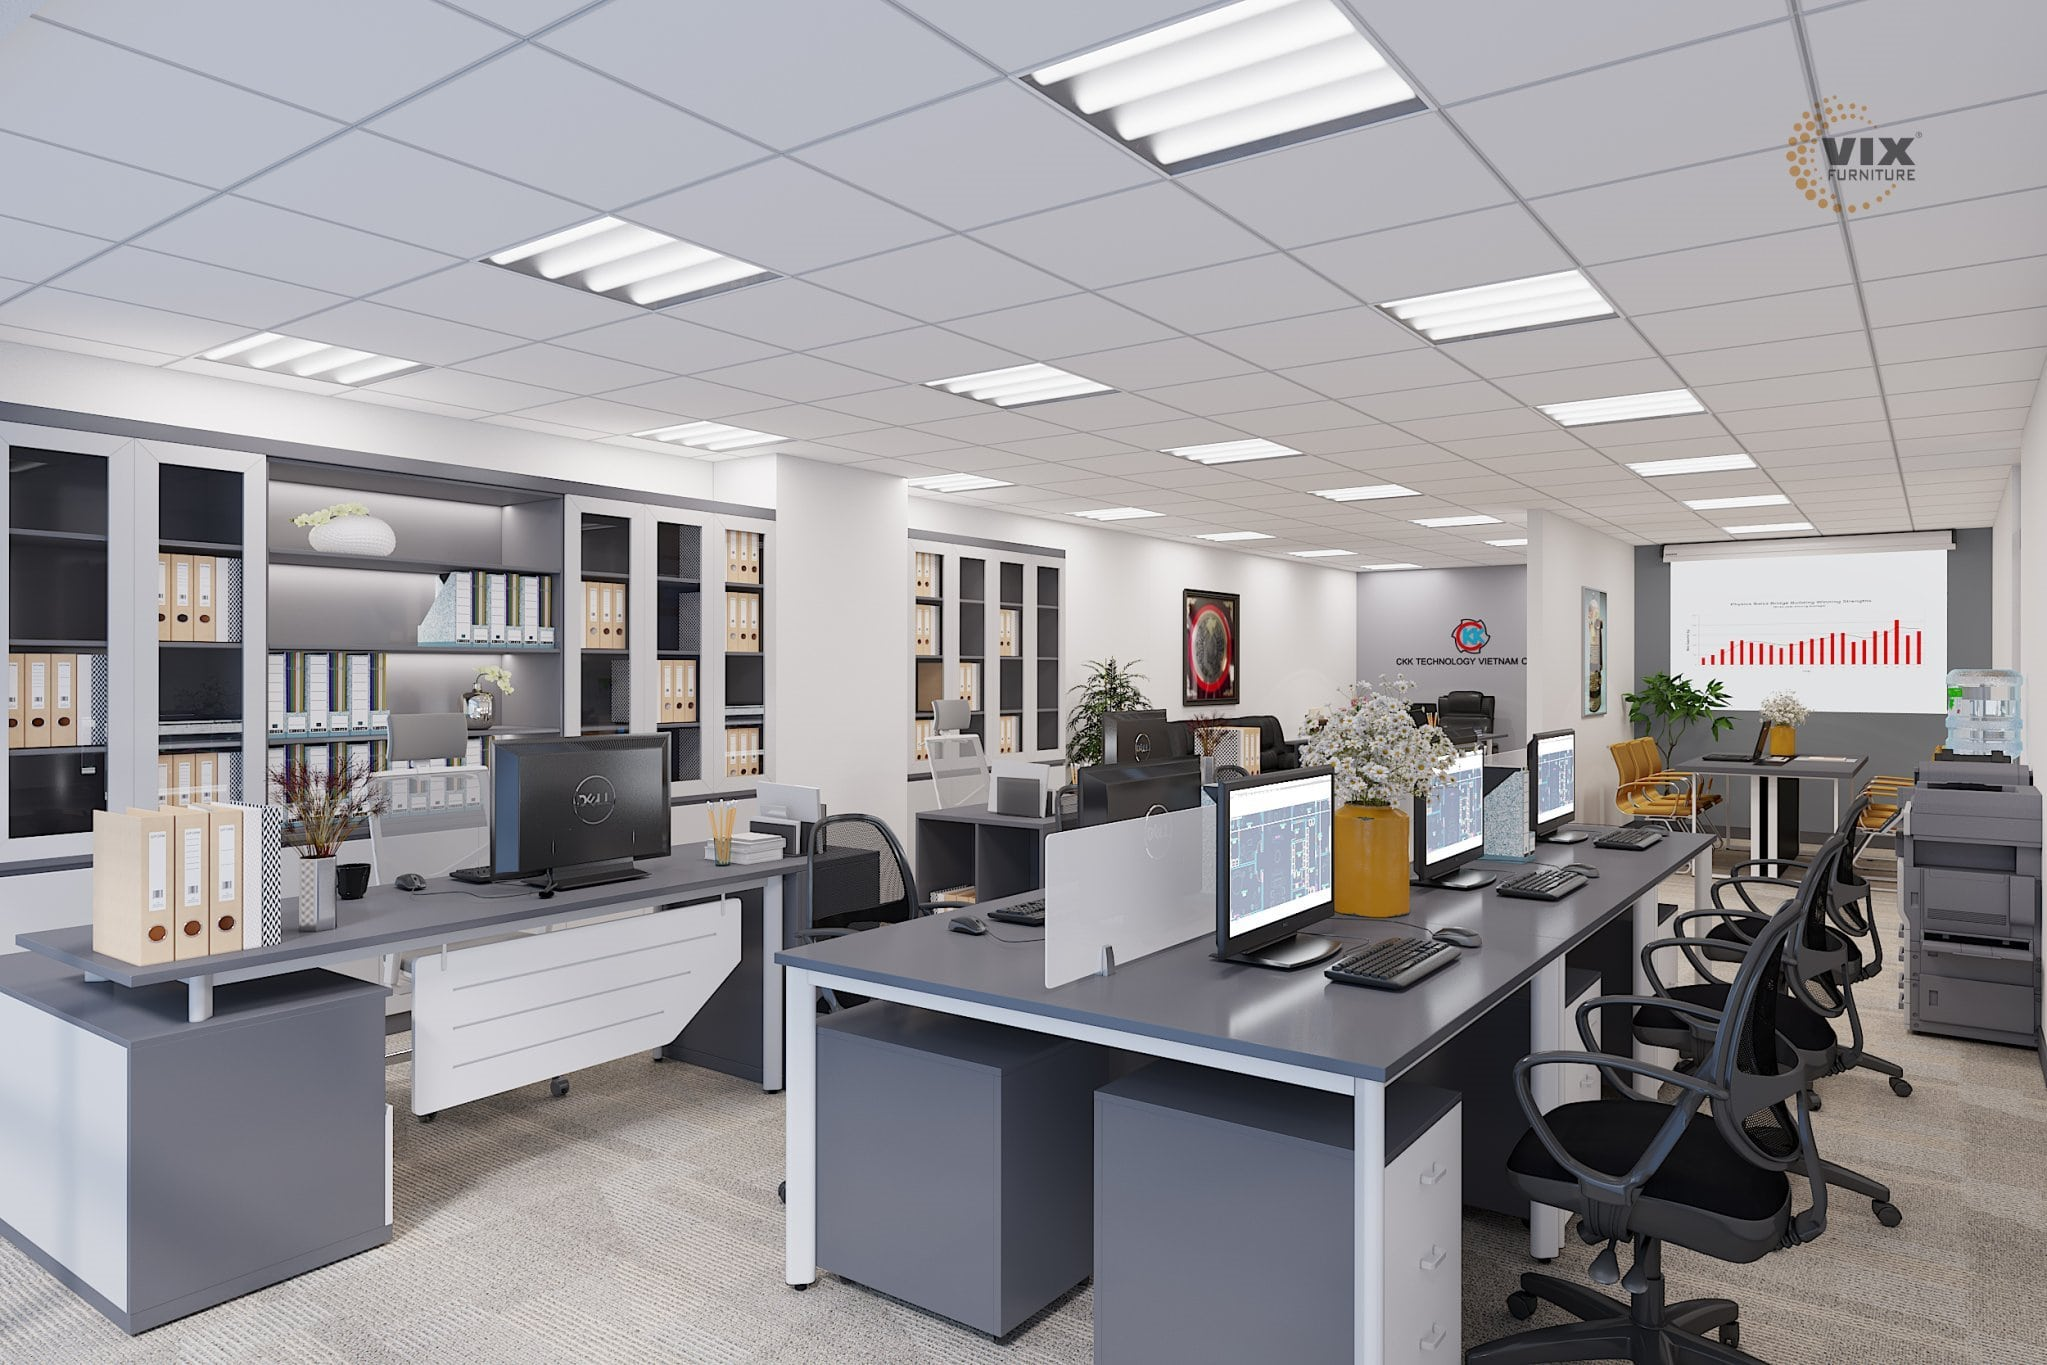 thiết kế nội thất văn phòng quận Gò Vấp